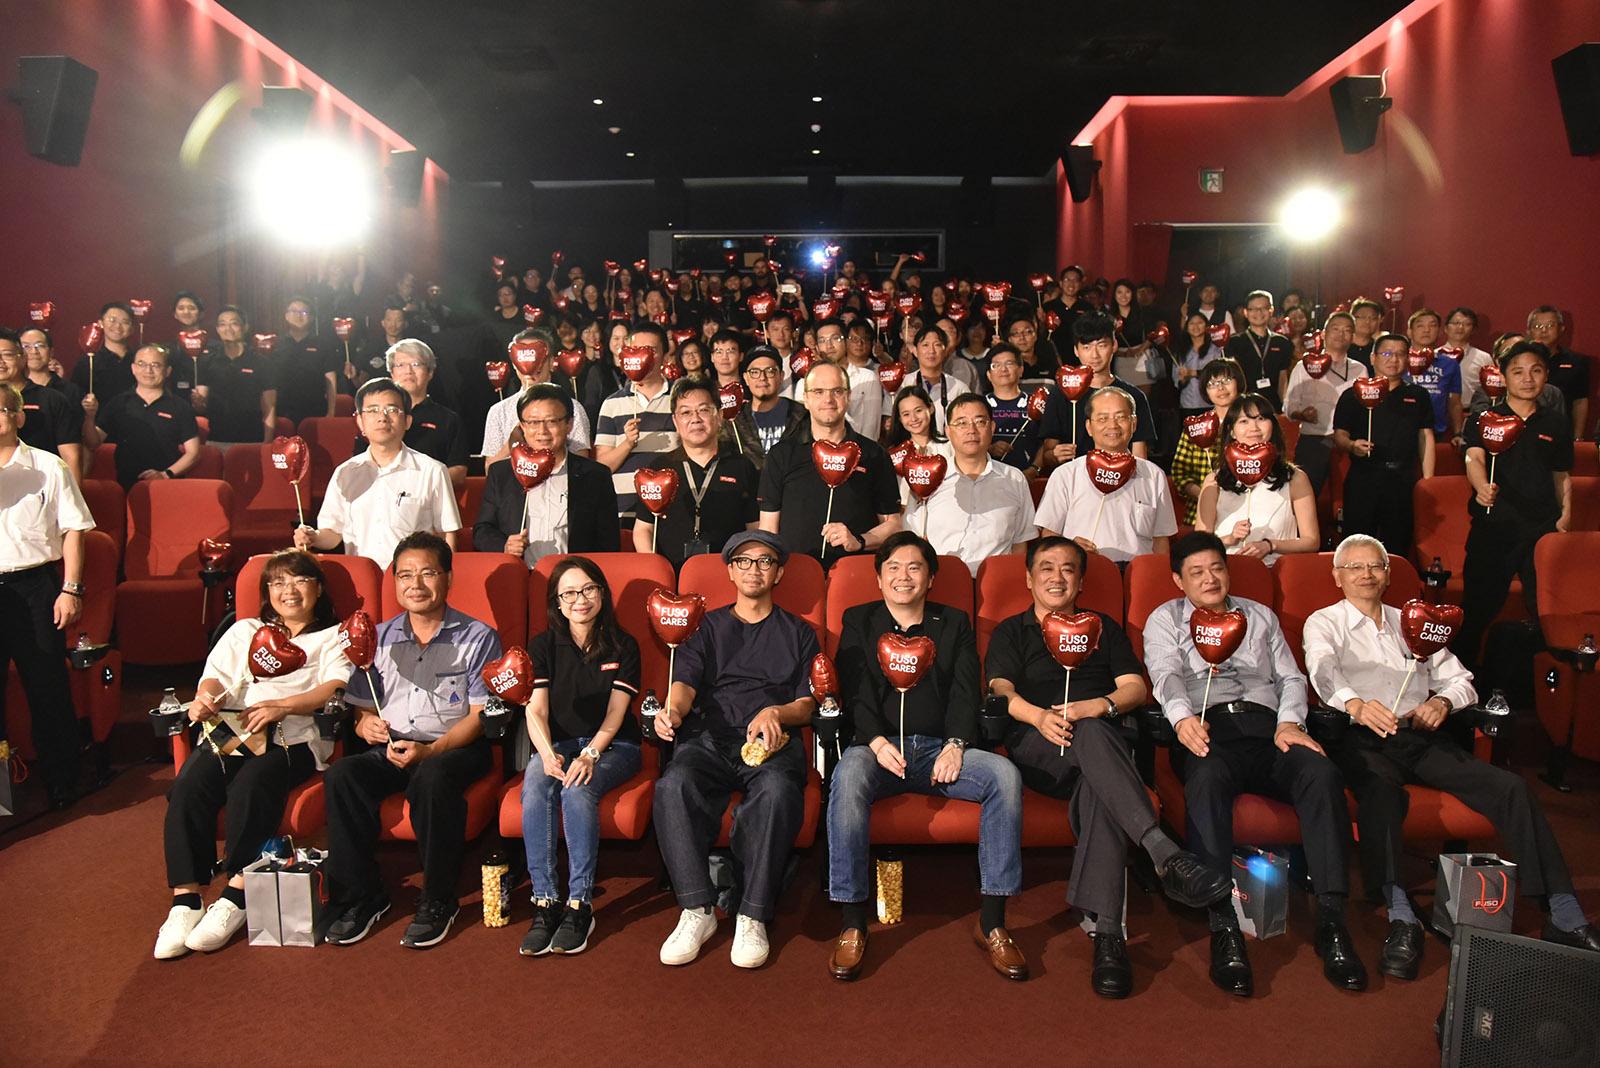 首映會是國內車商少見利用電影院為平台,並透過臉書及YouTube直播大玩廣告首映會的創意行銷手法